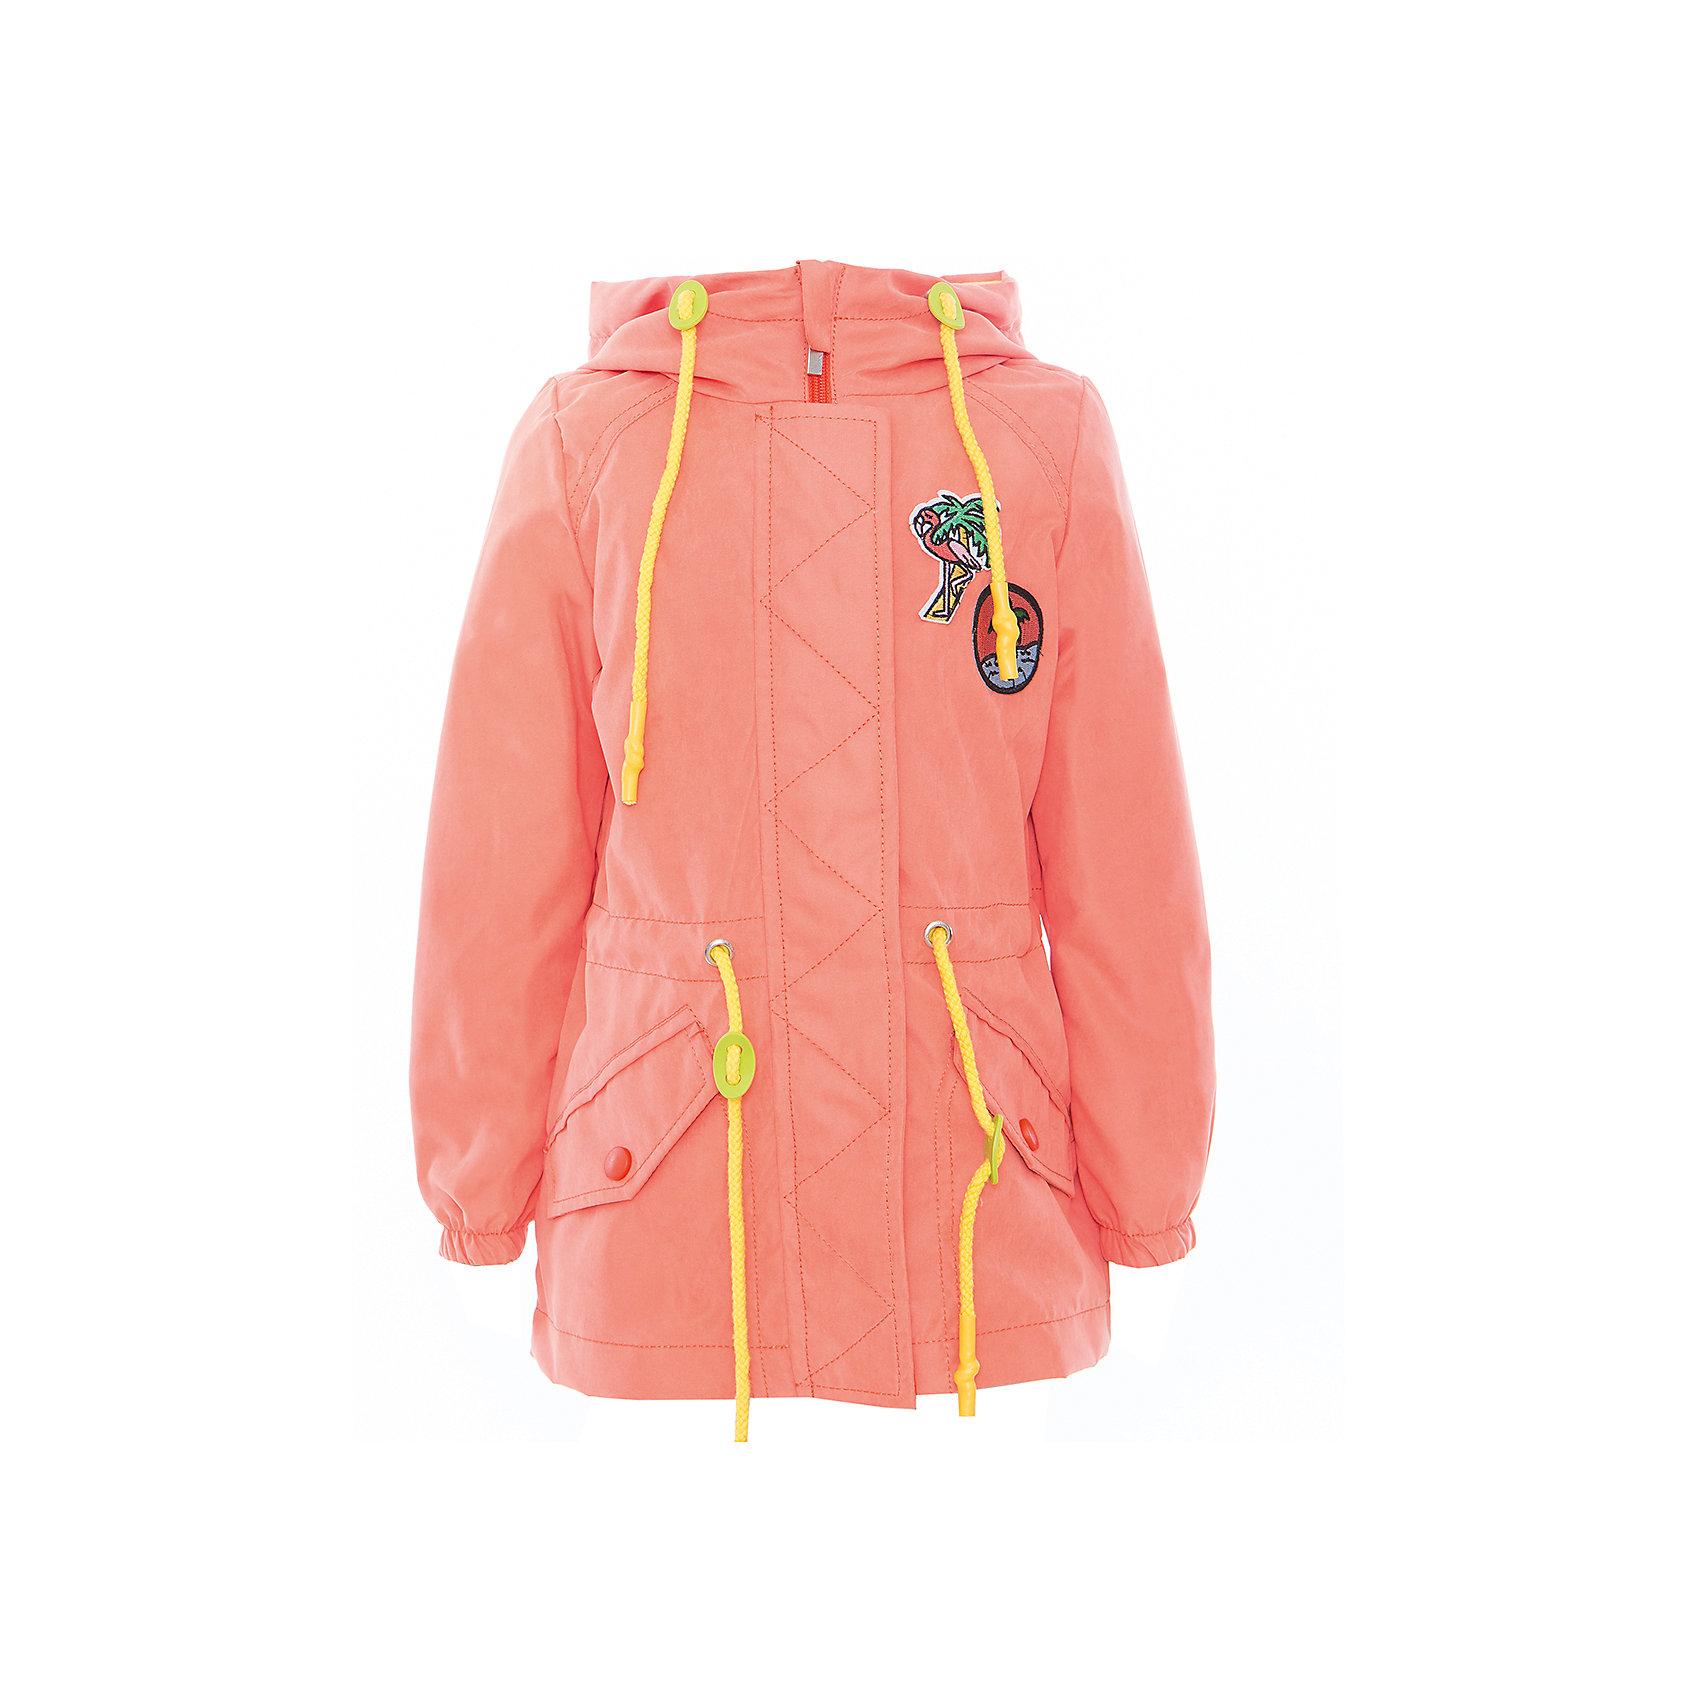 Куртка-парка для девочки BOOM by OrbyВерхняя одежда<br>Характеристики товара:<br><br>• цвет: оранжевый<br>• верх - 100% полиэстер; подкладка - 70% полиэстер, 30% вискоза; 80% полиэстер, 30% хлопок<br>• материал подклада/внутренней отделки: полиэстер, вискоза, хлопок<br>• температурный режим: от 0 до +15 C<br>• карманы<br>• застежка - молния<br>• прозрачный козырек на капюшоне<br>• защита от ветра и промокания<br>• капюшон не отстёгивается<br>• планка от ветра<br>• шнурок на талии<br>• эластичные манжеты<br>• комфортная посадка<br>• страна производства: Российская Федерация<br>• страна бренда: Российская Федерация<br>• коллекция: весна-лето 2017<br><br>Куртка-парка - универсальный вариант и для прохладного летнего вечера, и для теплого межсезонья. Эта модель - модная и удобная одновременно! Изделие отличается стильным ярким дизайном. Куртка хорошо сидит по фигуре, отлично сочетается с различным низом. Вещь была разработана специально для детей.<br><br>Одежда от российского бренда BOOM by Orby уже завоевала популярностью у многих детей и их родителей. Вещи, выпускаемые компанией, качественные, продуманные и очень удобные. Для производства коллекций используются только безопасные для детей материалы. Спешите приобрести модели из новой коллекции Весна-лето 2017! <br><br>Куртку-парку для девочки от бренда BOOM by Orby можно купить в нашем интернет-магазине.<br><br>Ширина мм: 356<br>Глубина мм: 10<br>Высота мм: 245<br>Вес г: 519<br>Цвет: оранжевый<br>Возраст от месяцев: 36<br>Возраст до месяцев: 48<br>Пол: Женский<br>Возраст: Детский<br>Размер: 104,170,86,92,98,110,116,122,128,134,140,146,152,158,164<br>SKU: 5343133